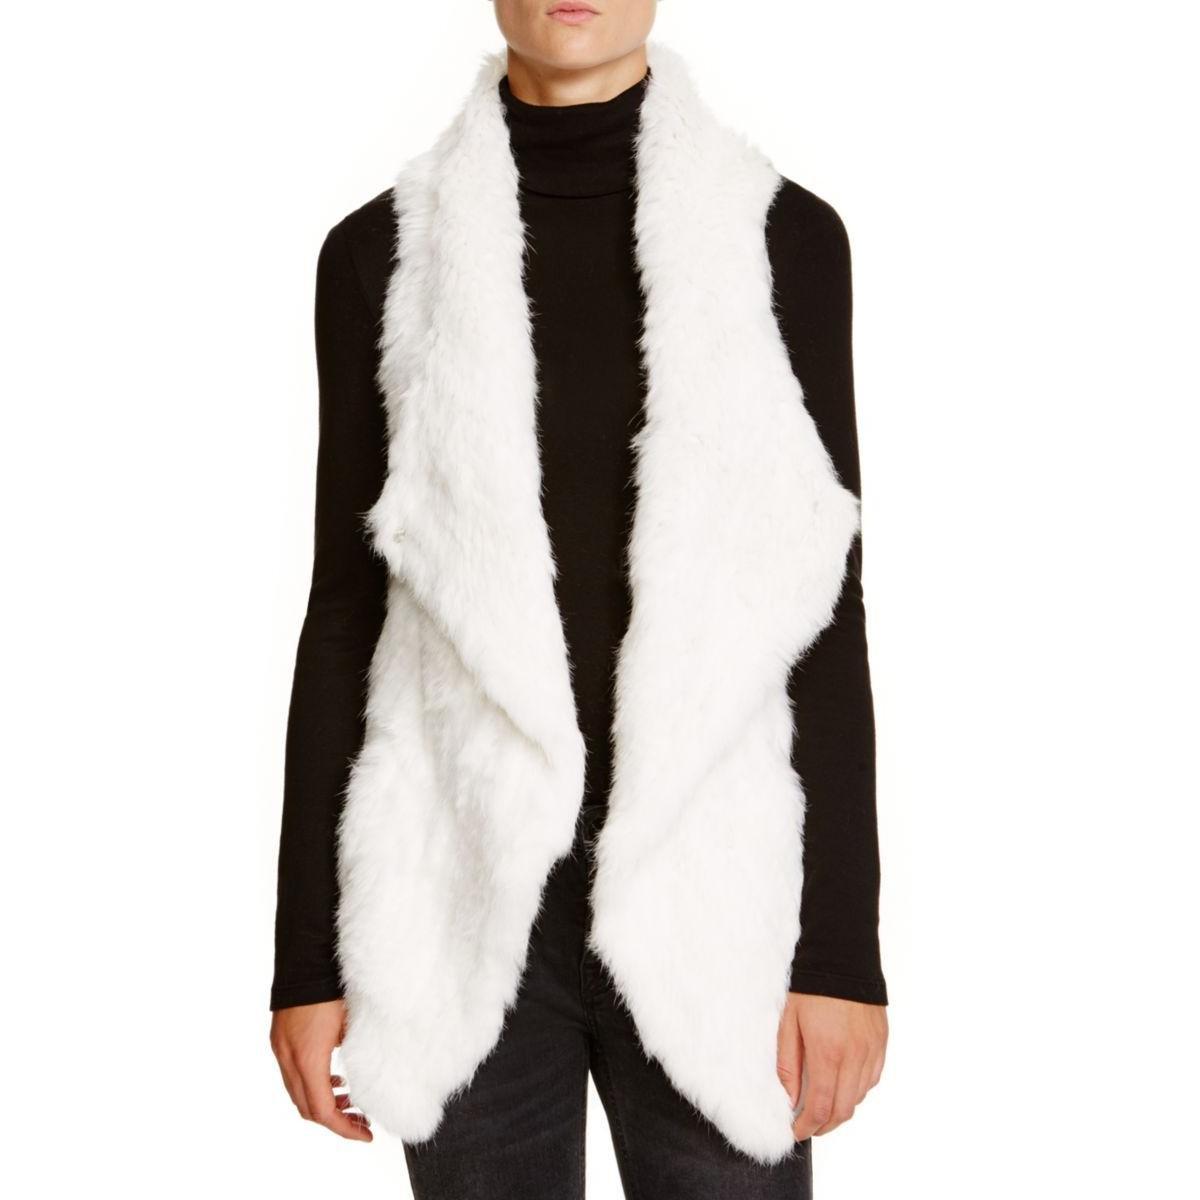 Private Label Womens Rabbit Fur Cashmere Vest White L